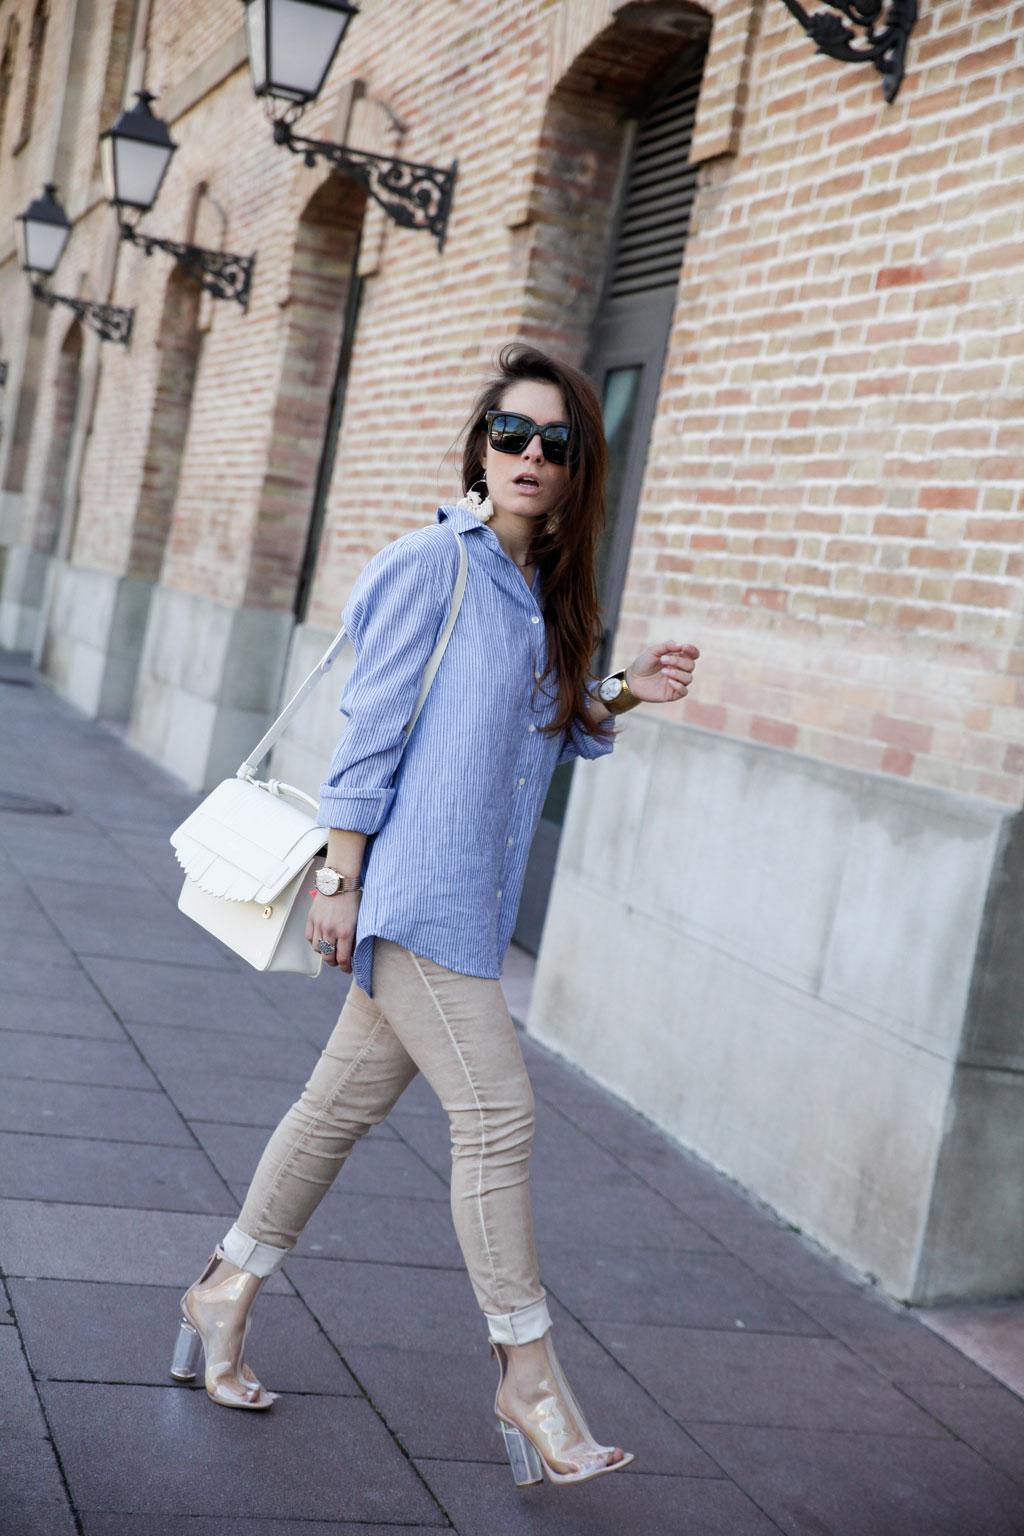 camisa_rayas_azules_primavera_estilo_sincerely_jules_theguestgirl